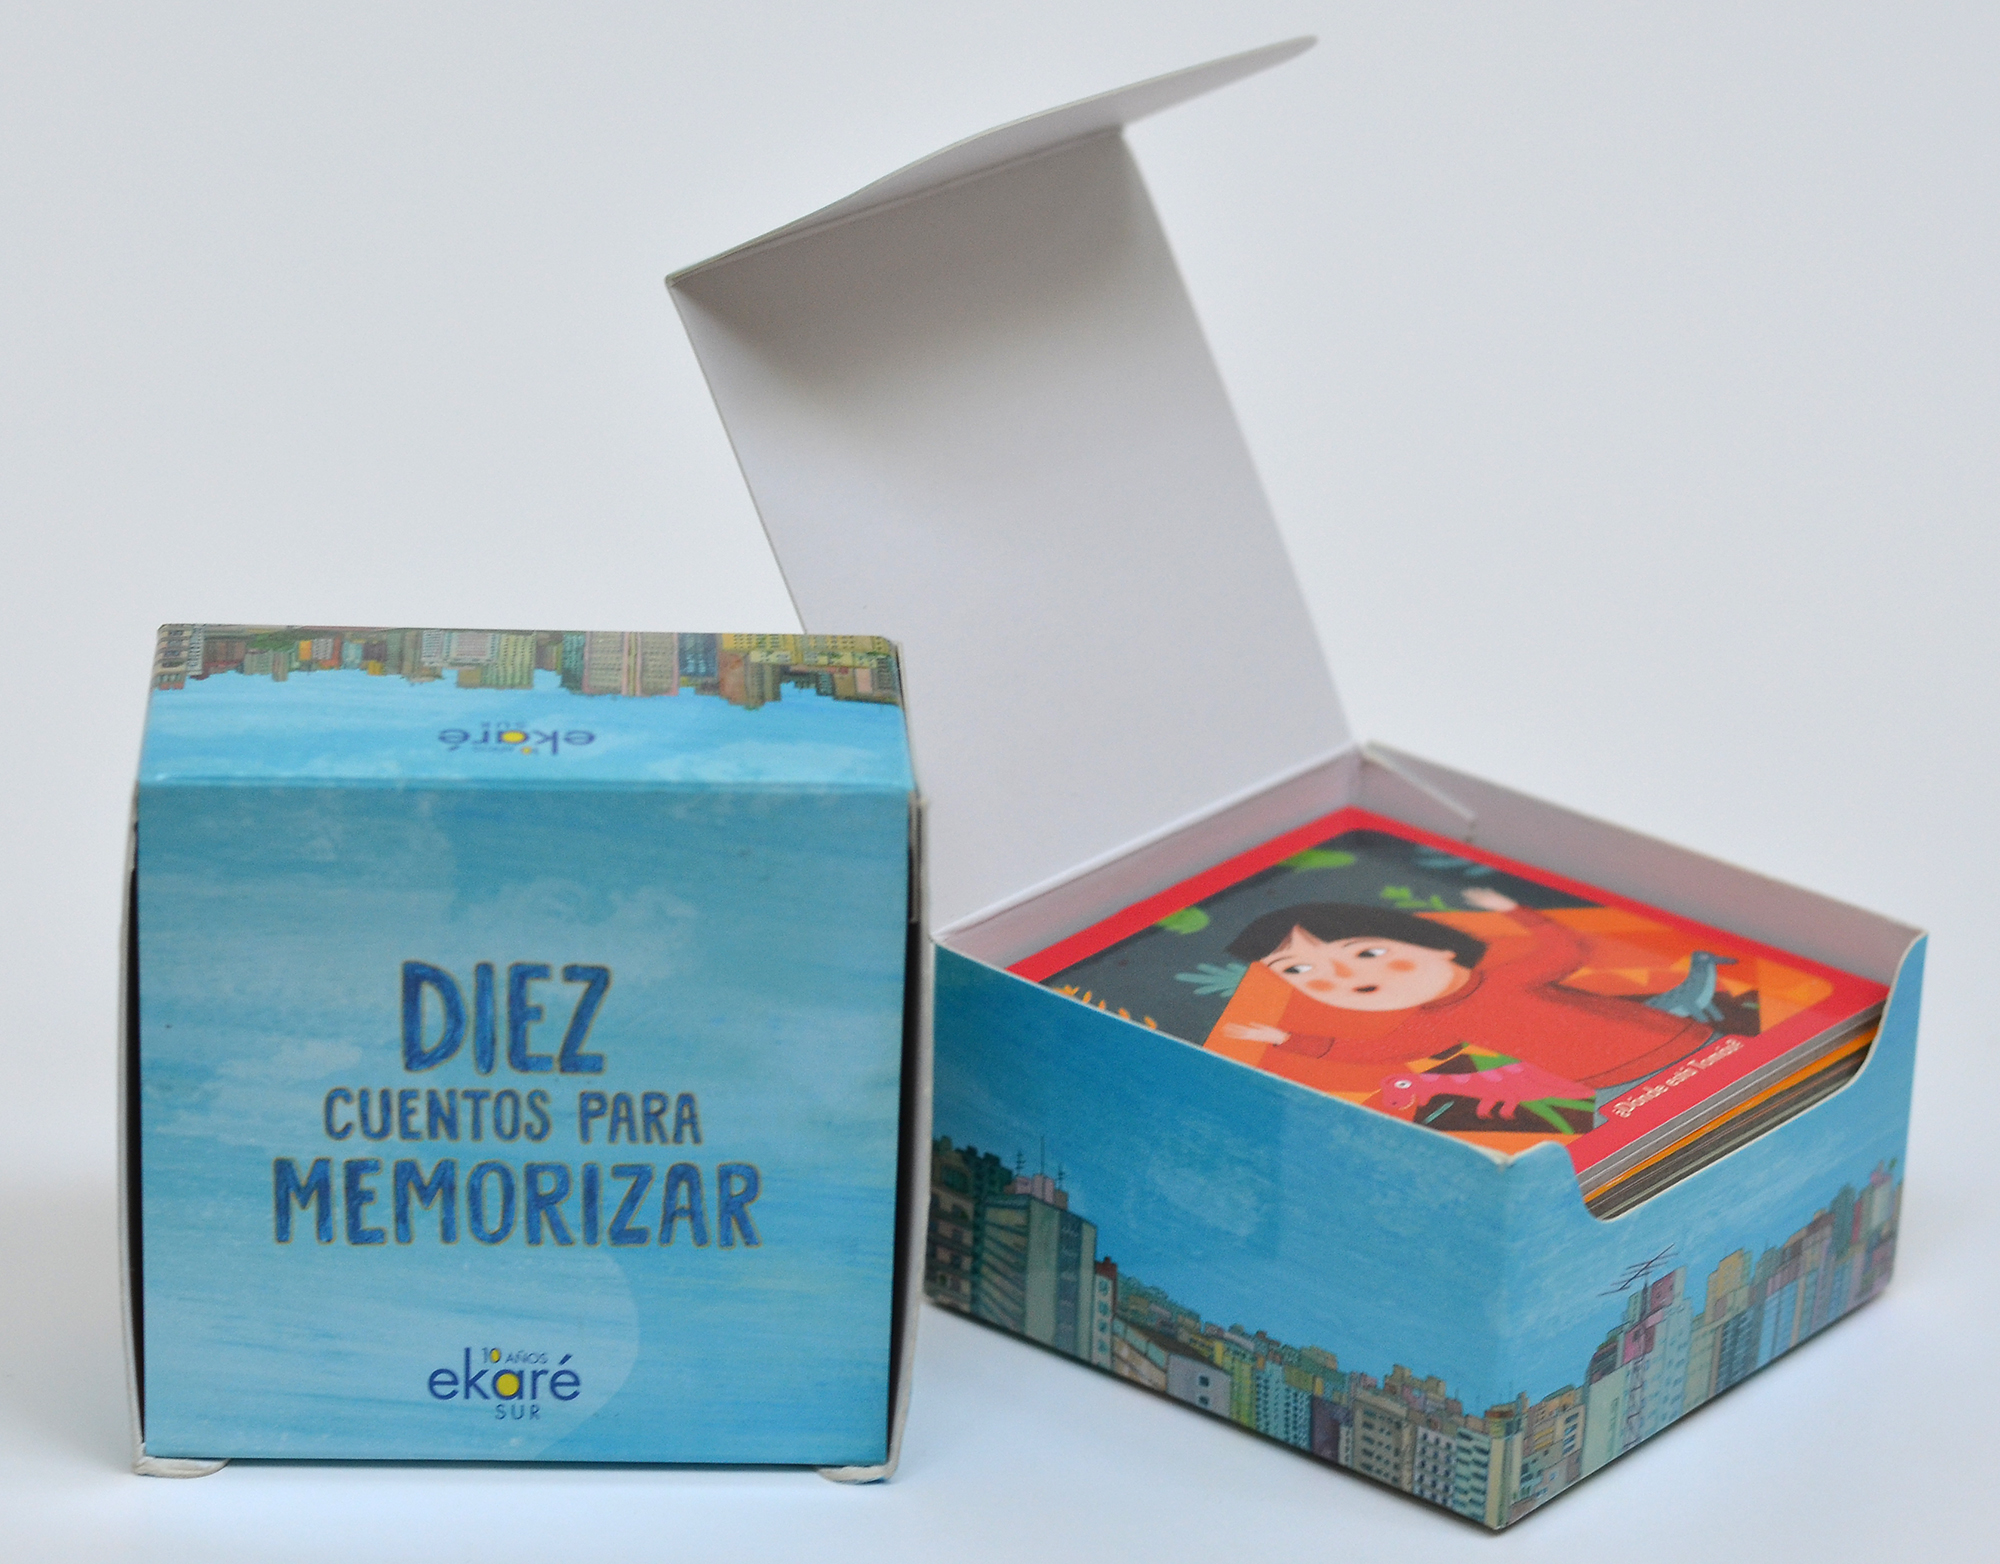 MEMORICE DIEZ CUENTOS PARA MEMORIZAR